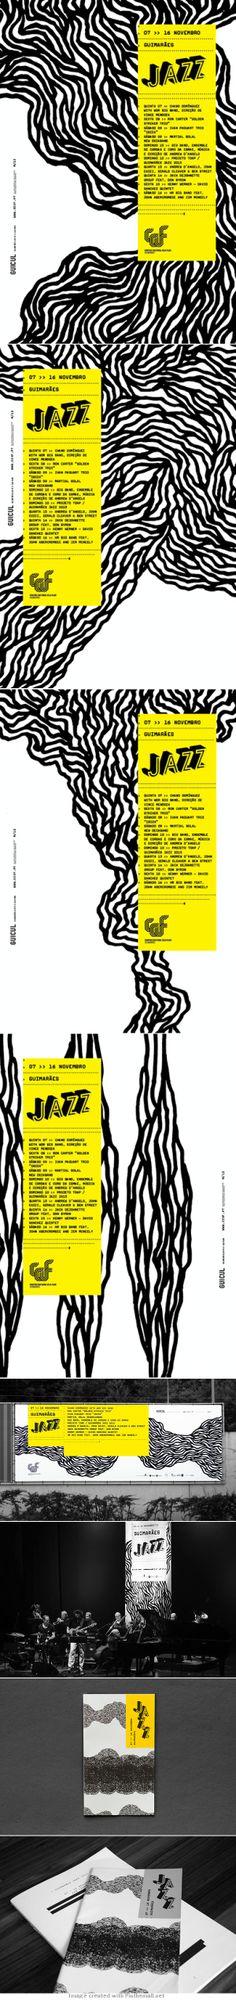 Guimarães Jazz 2013